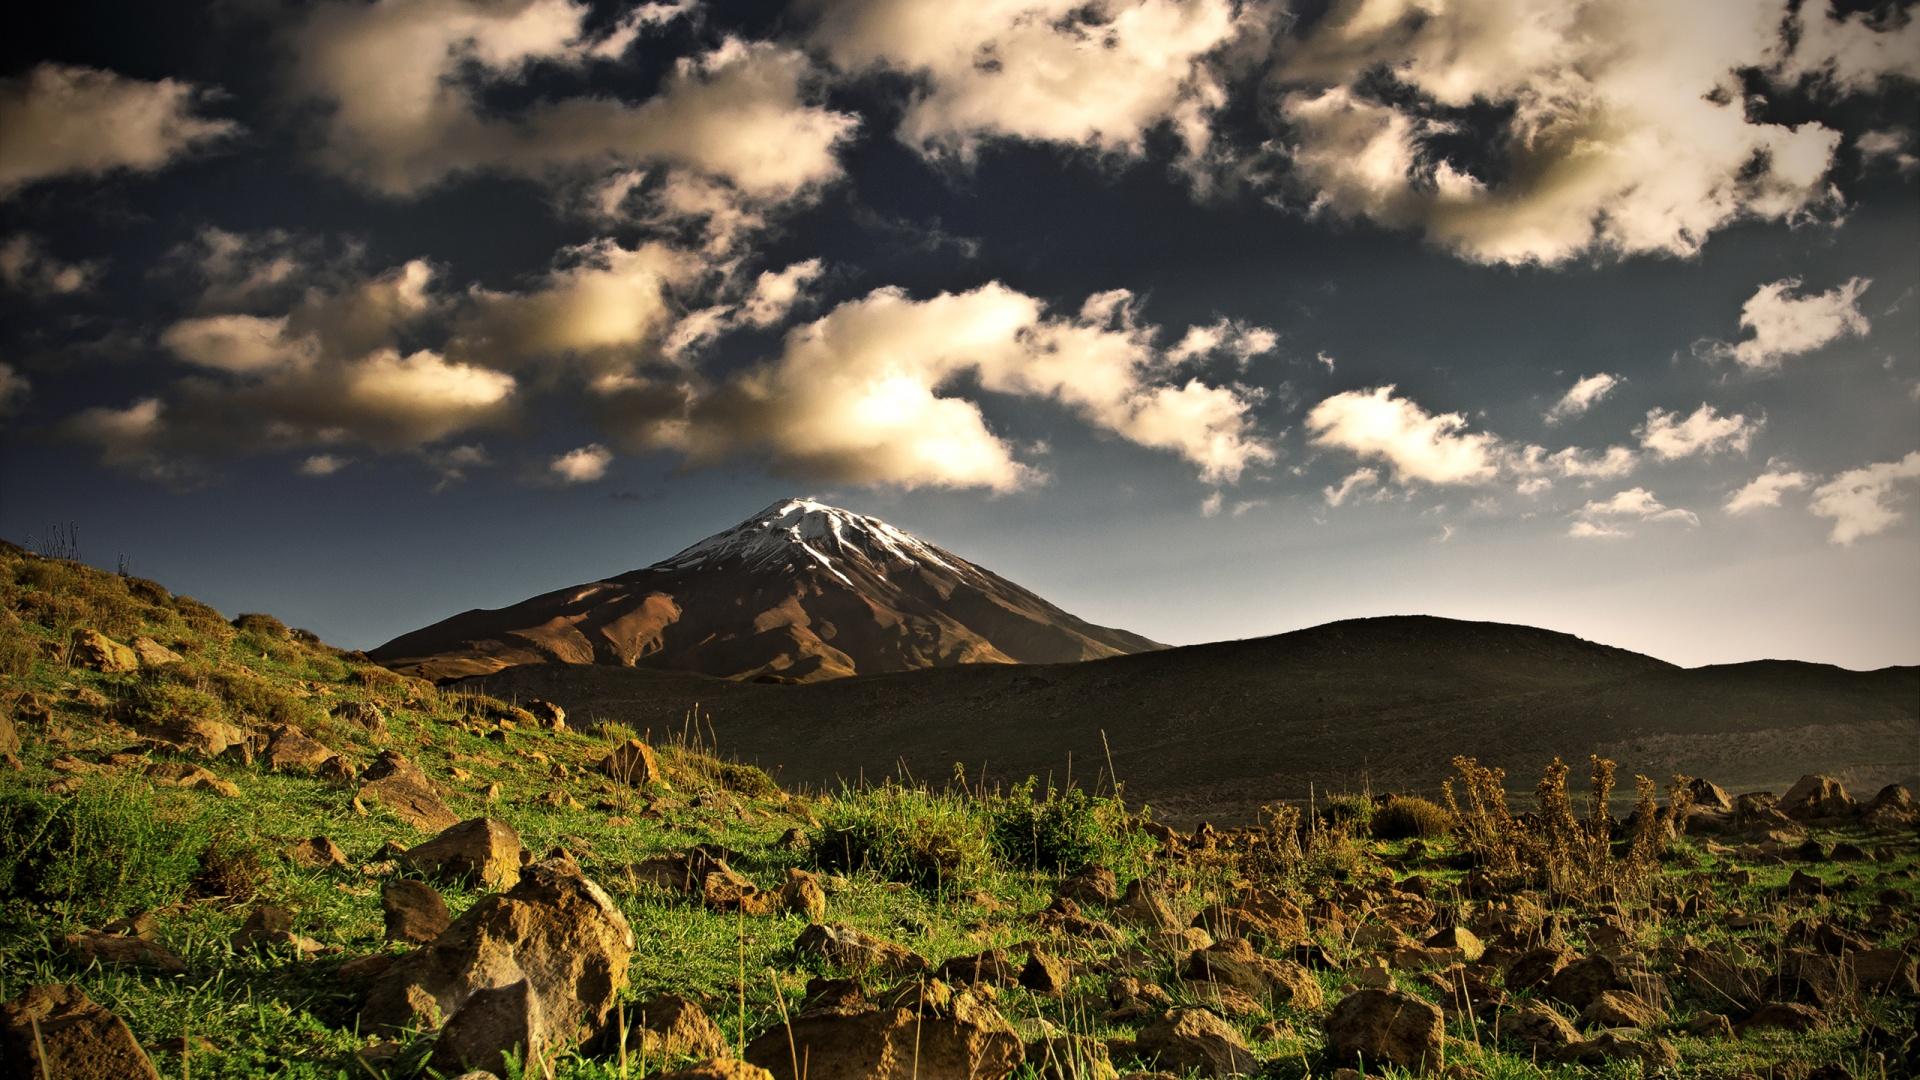 mt-kilimanjaro-41287